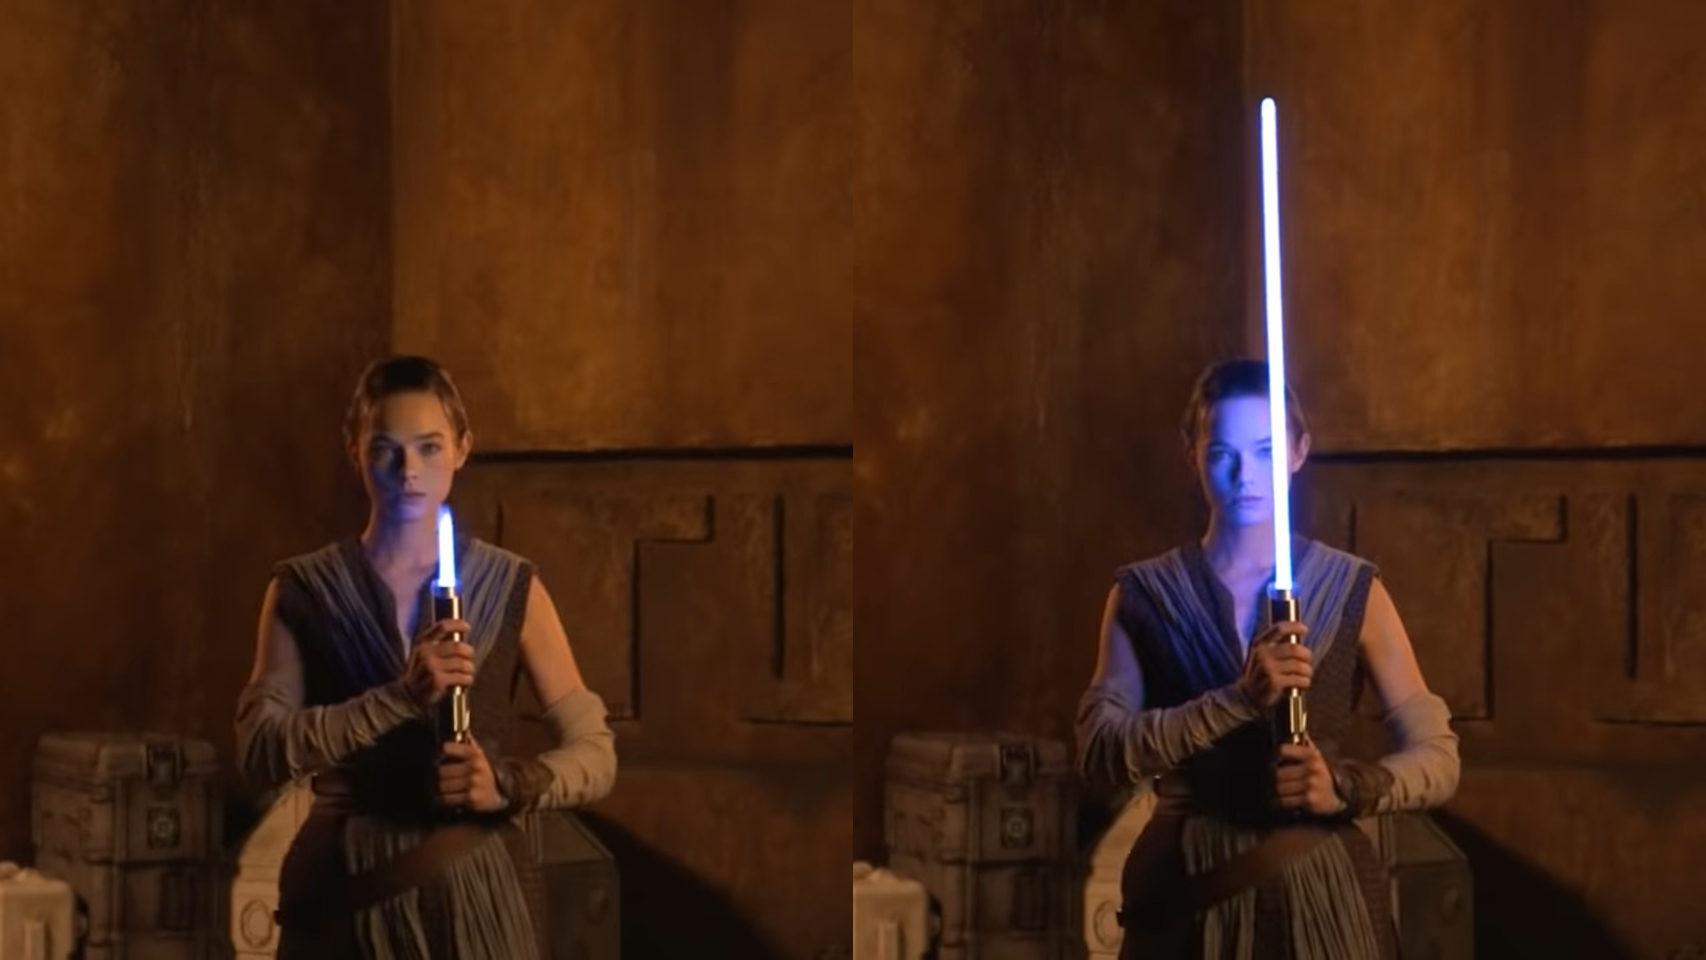 El sable de luz de Star Wars se hace realidad: se extiende como el de las películas —